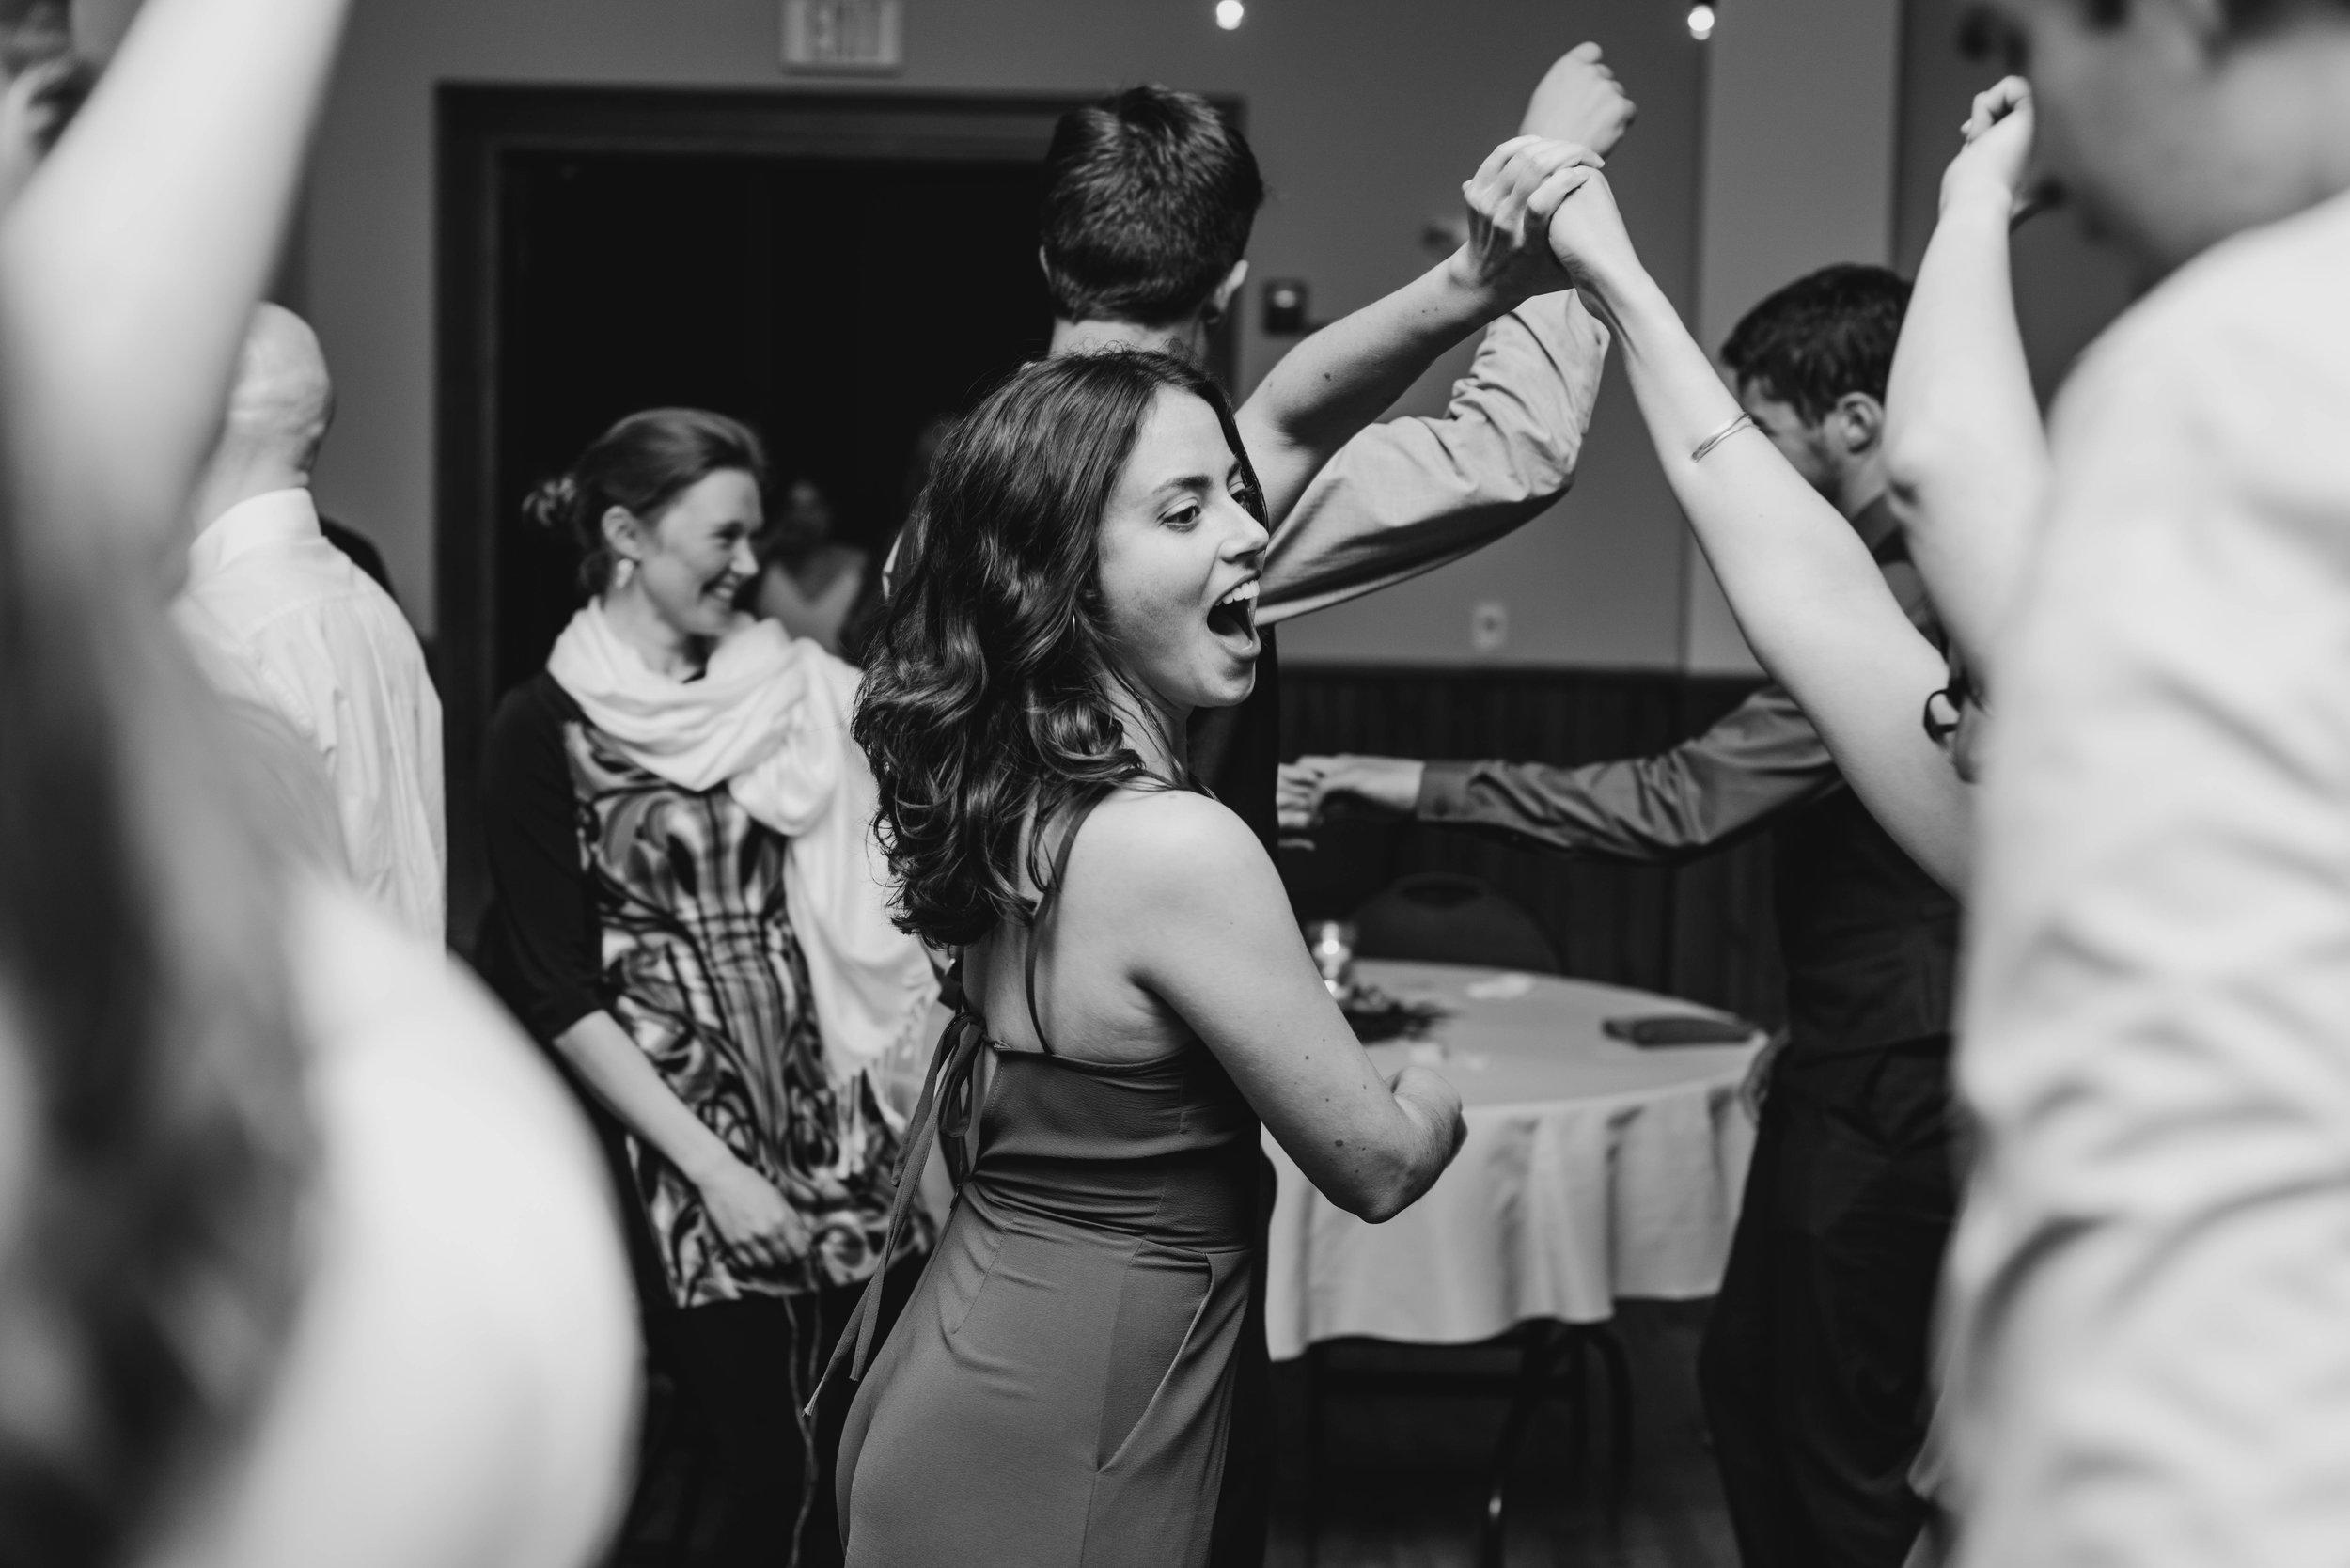 10 Dancing-4402.jpg